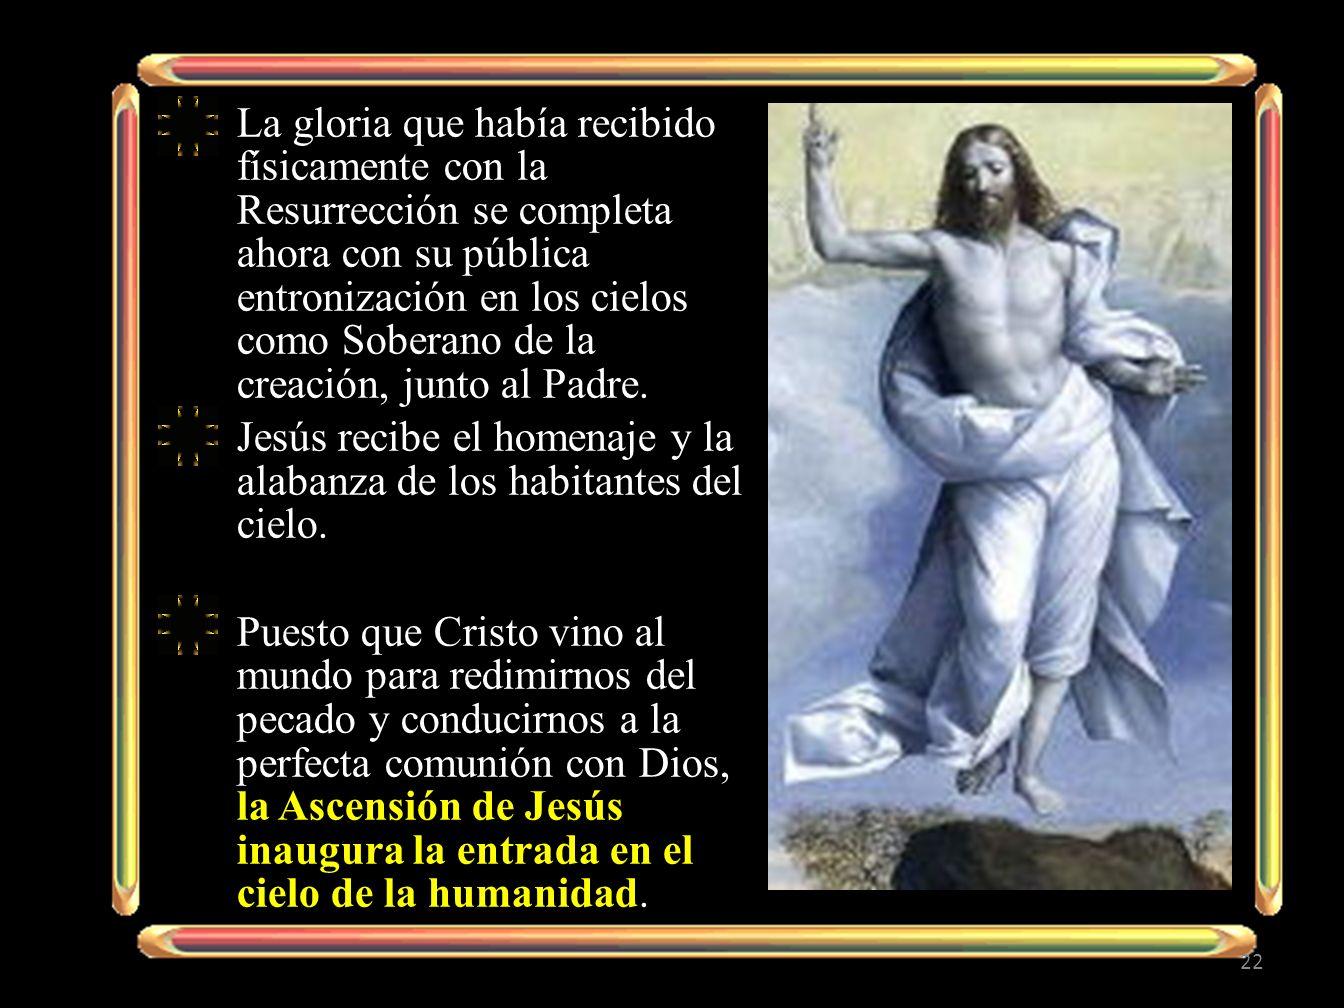 La gloria que había recibido físicamente con la Resurrección se completa ahora con su pública entronización en los cielos como Soberano de la creación